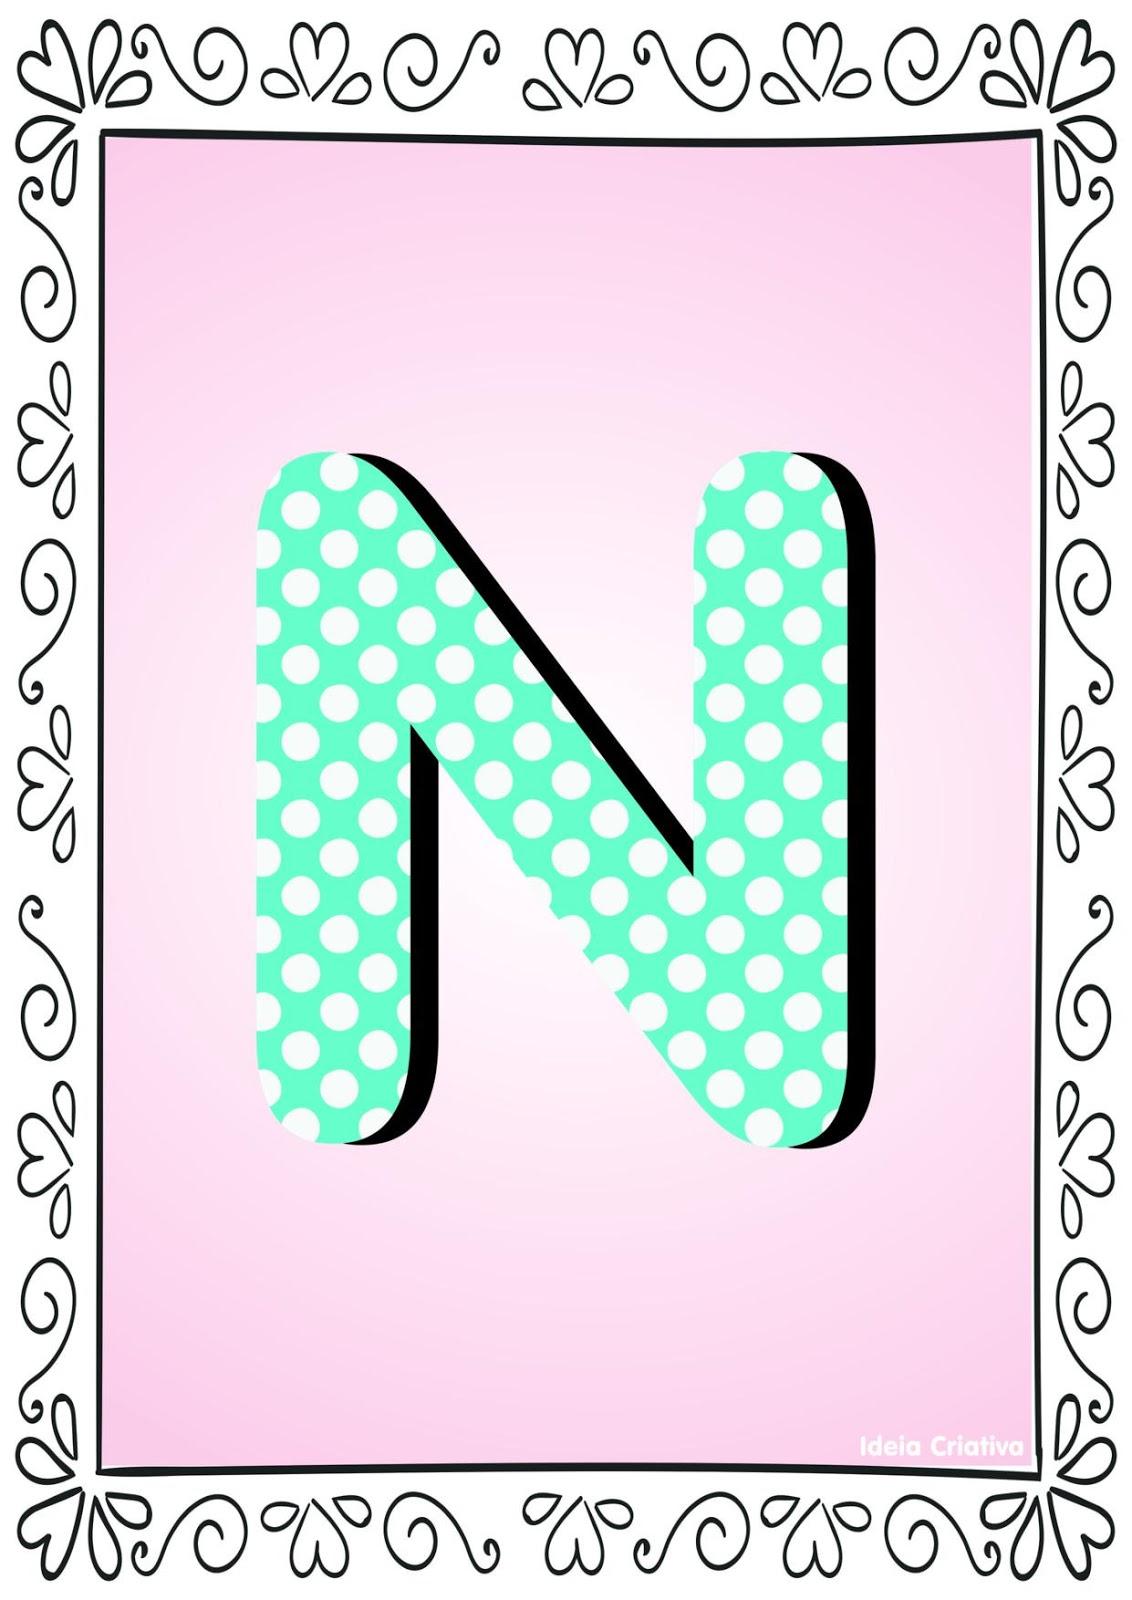 Alfabetos ideia criativa alfabeto po colorido com borda para baixar gr tis em pdf - Letras grandes decoradas ...